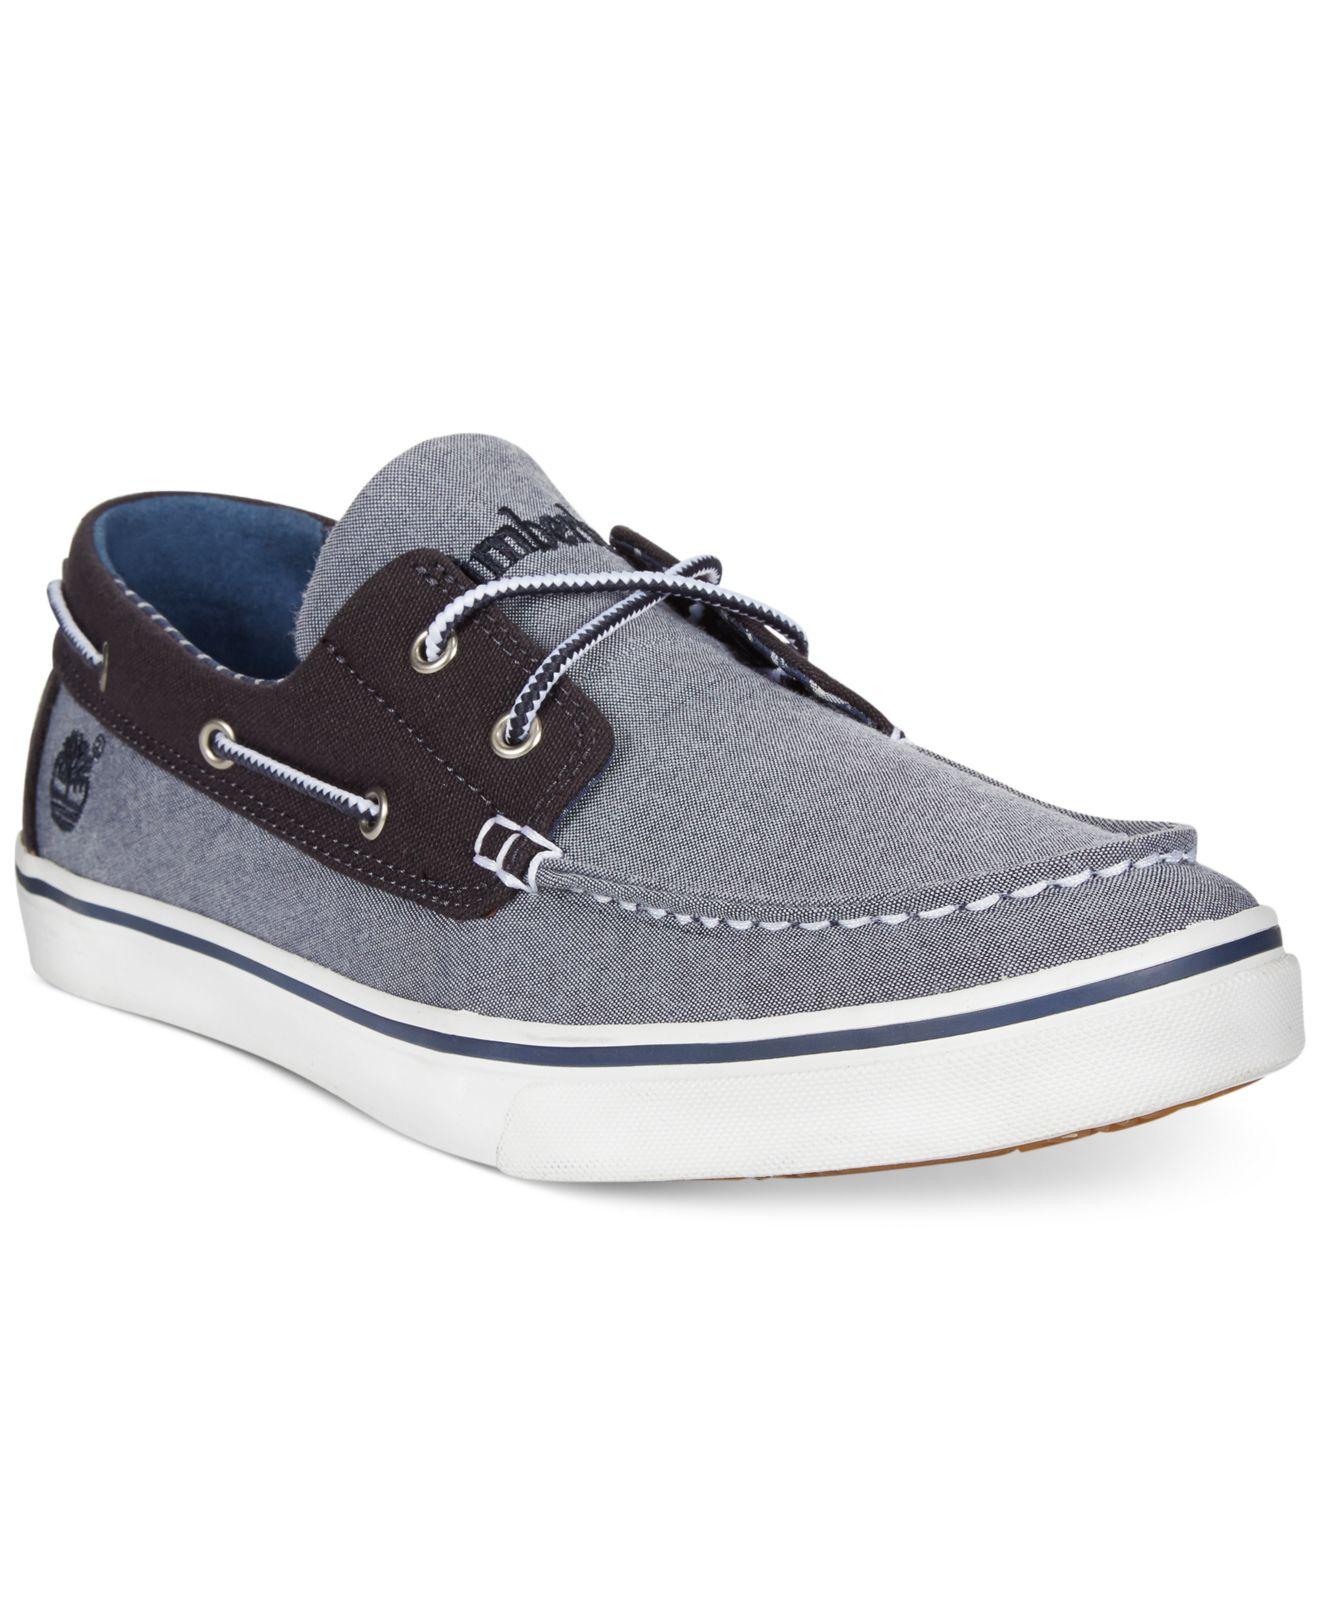 Naif Men Shoes